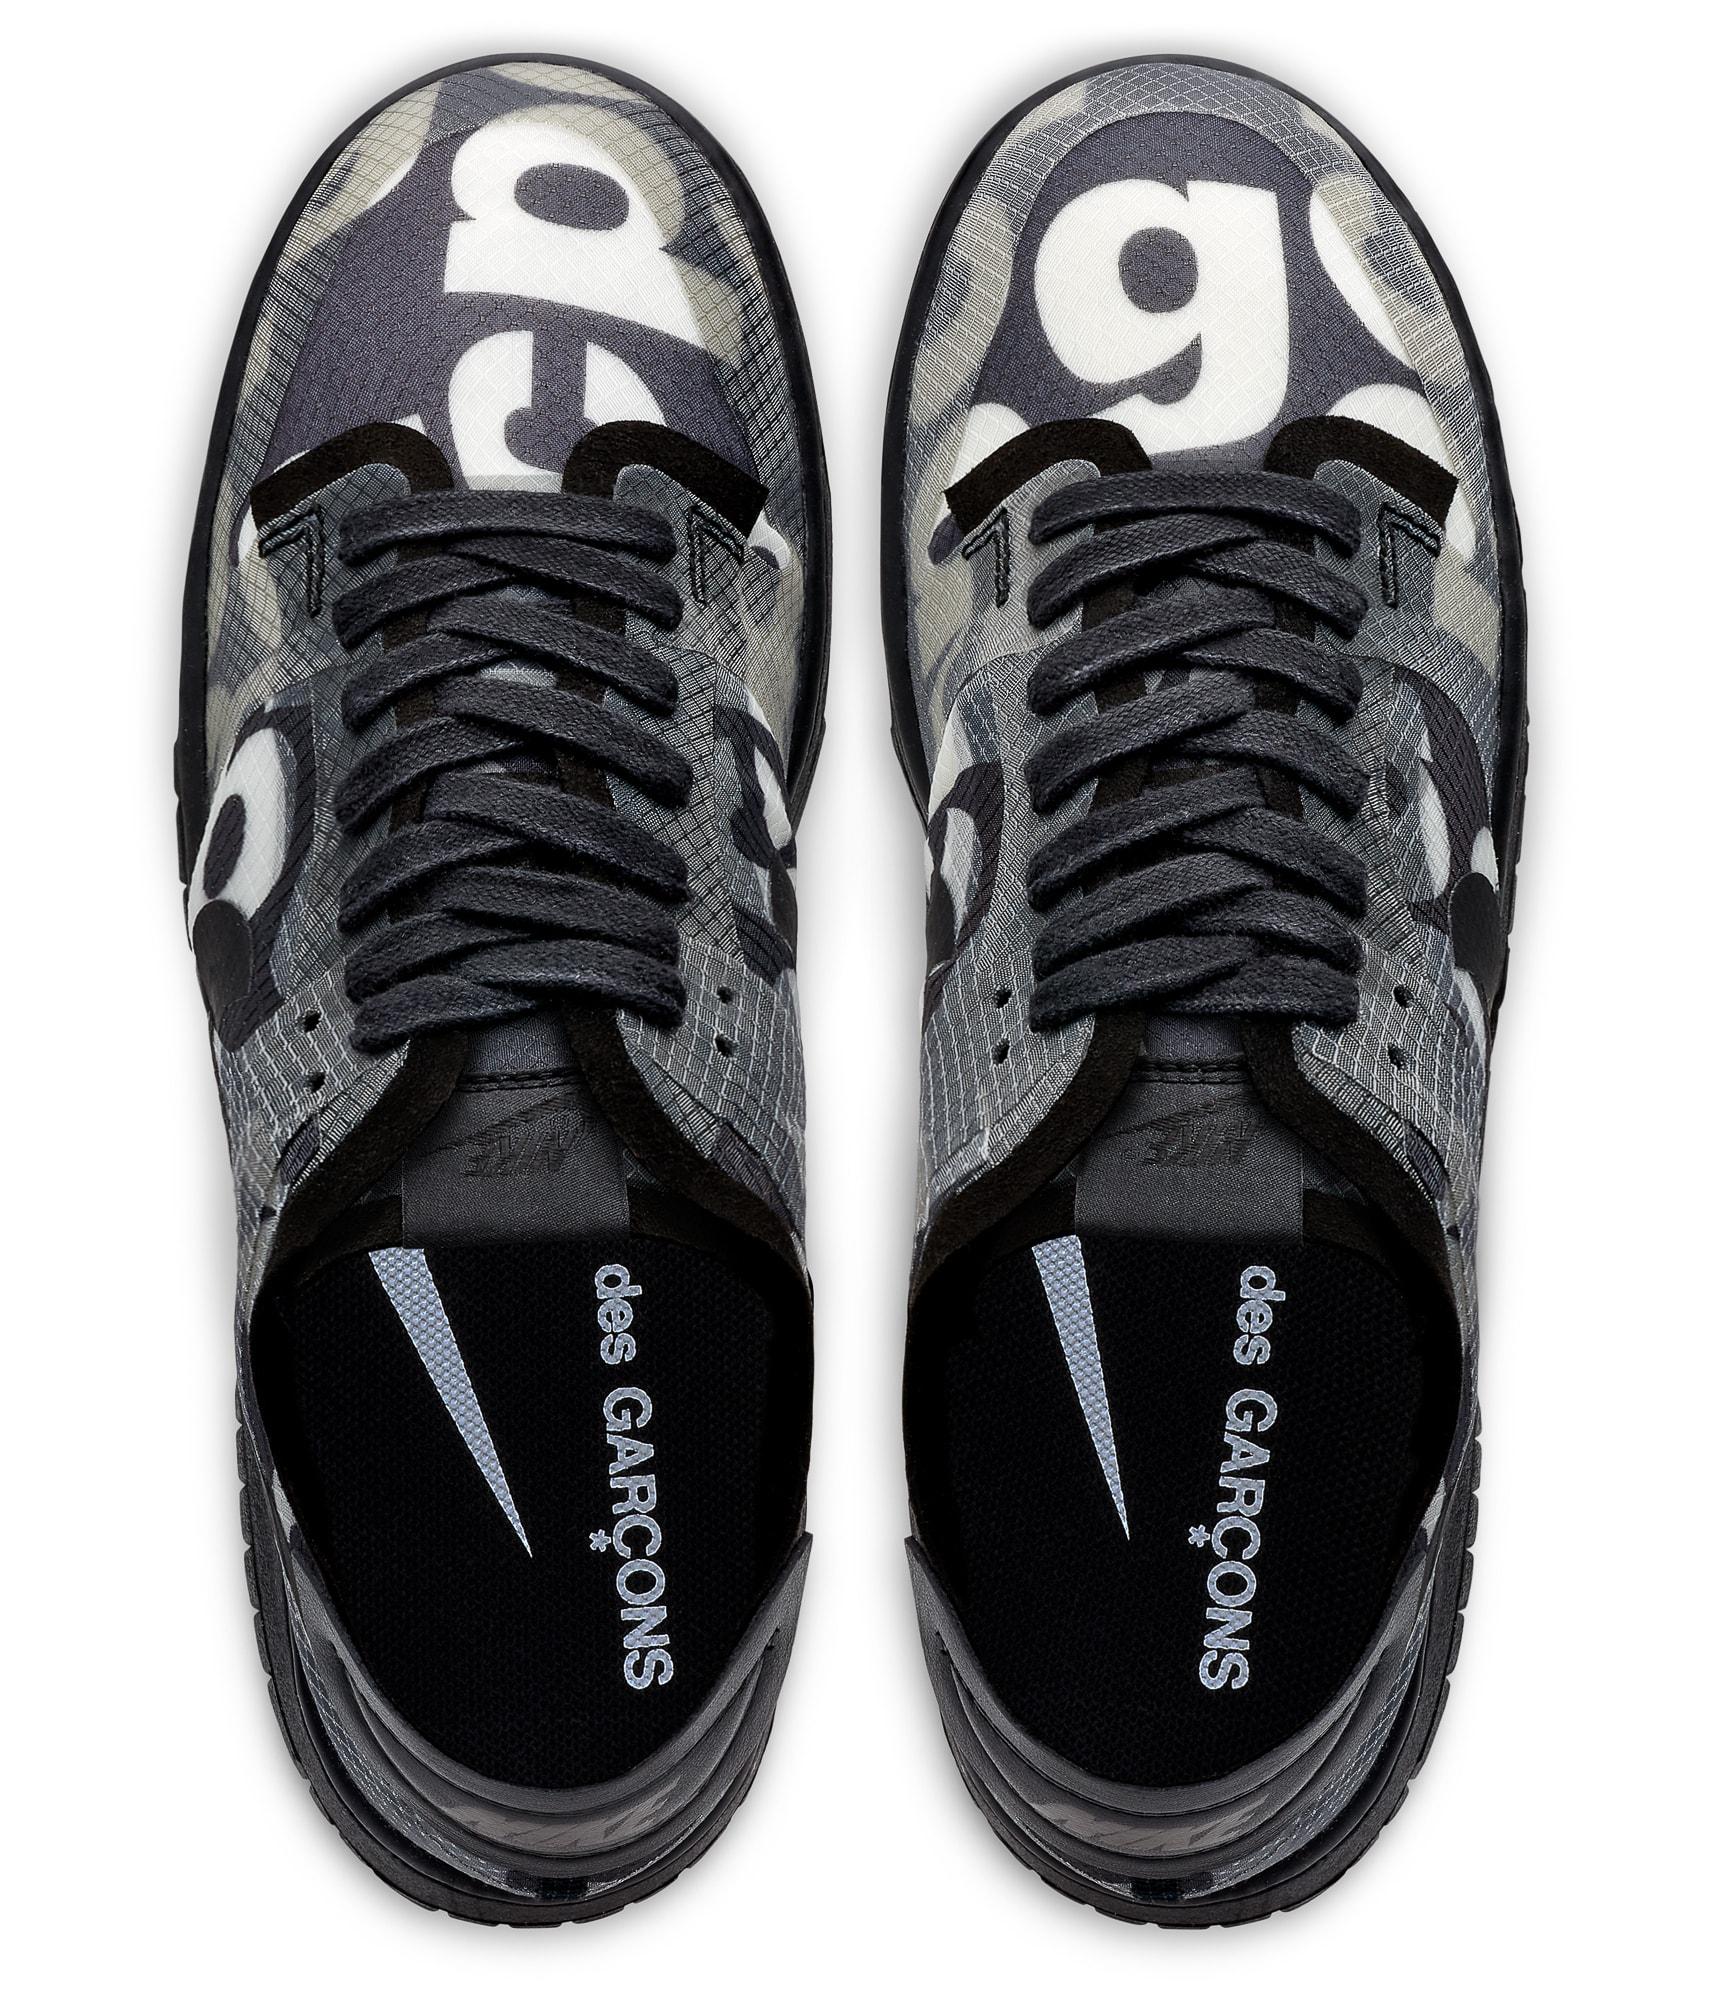 Comme Des Garcons x Nike Dunk Low Top